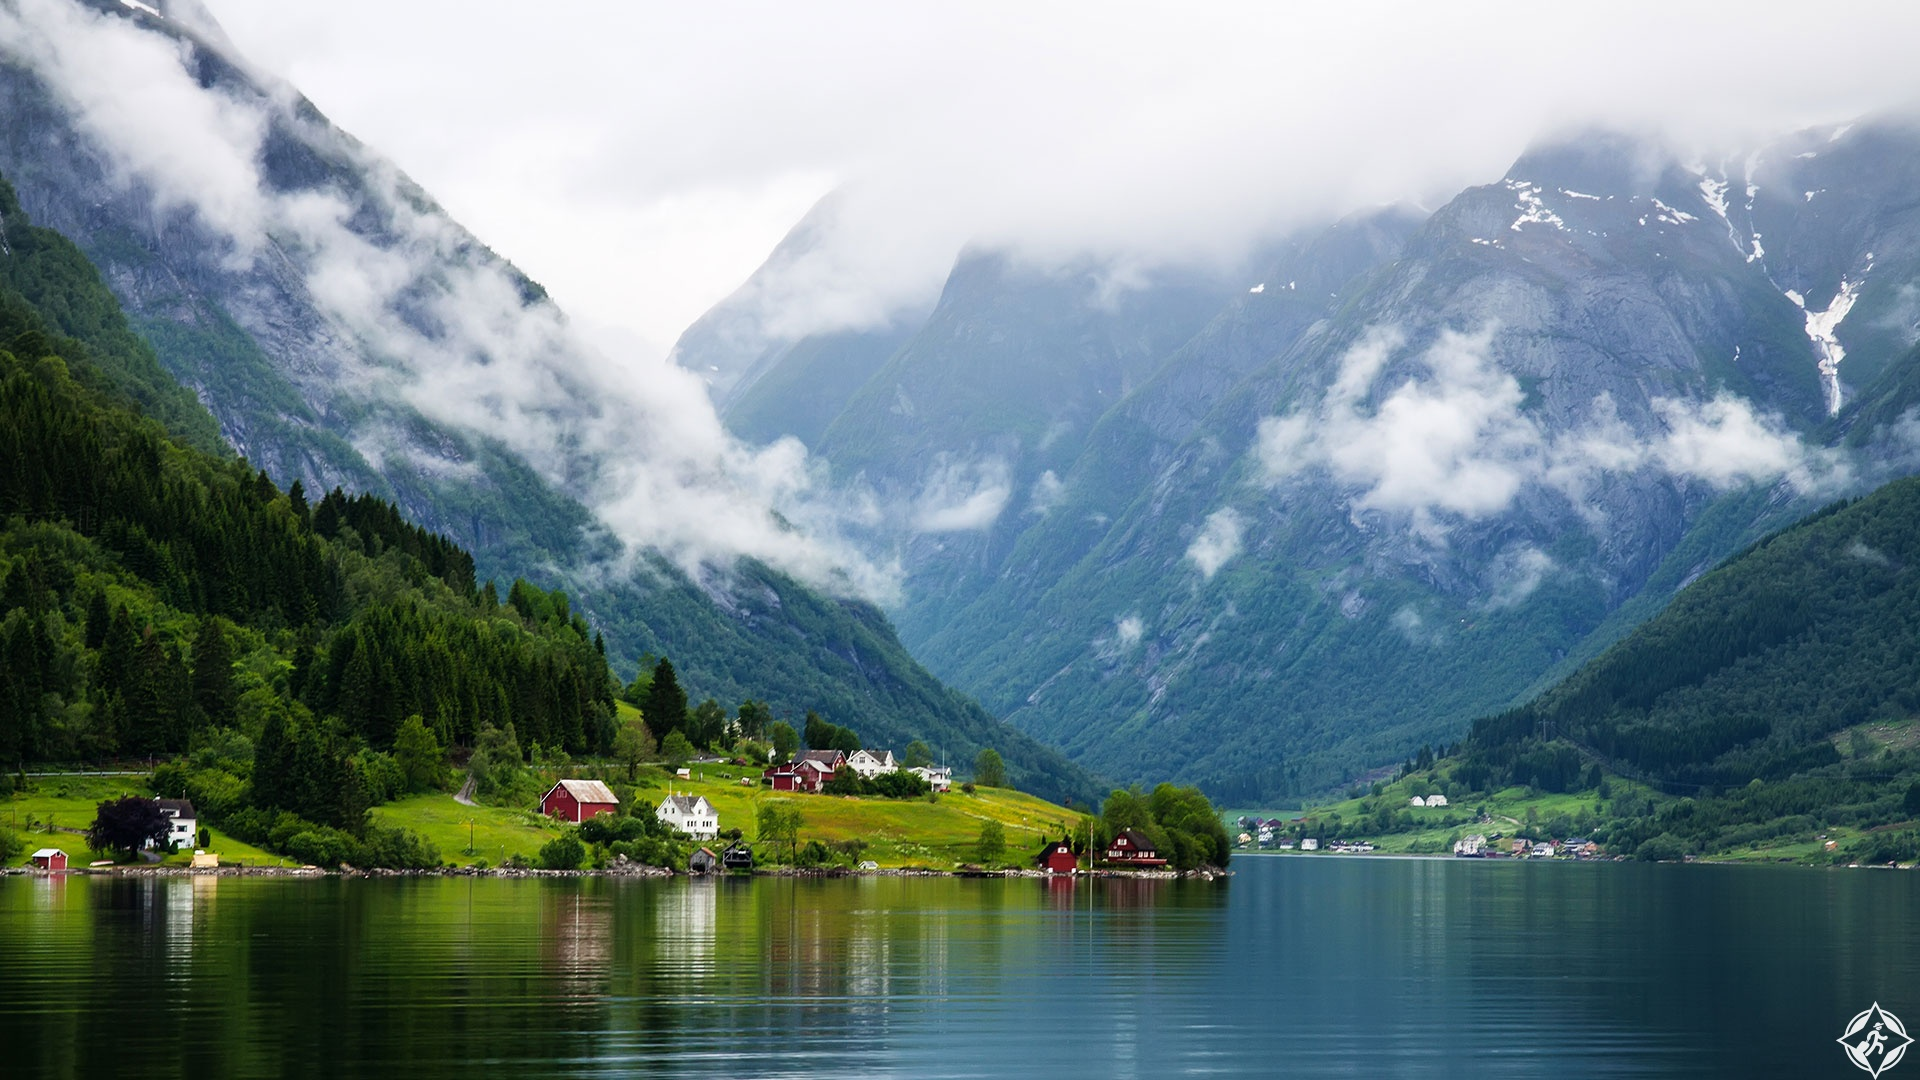 نصـائحُ تهمُّـك قبـل السفر إلى النرويج.. تعرَّف عليها